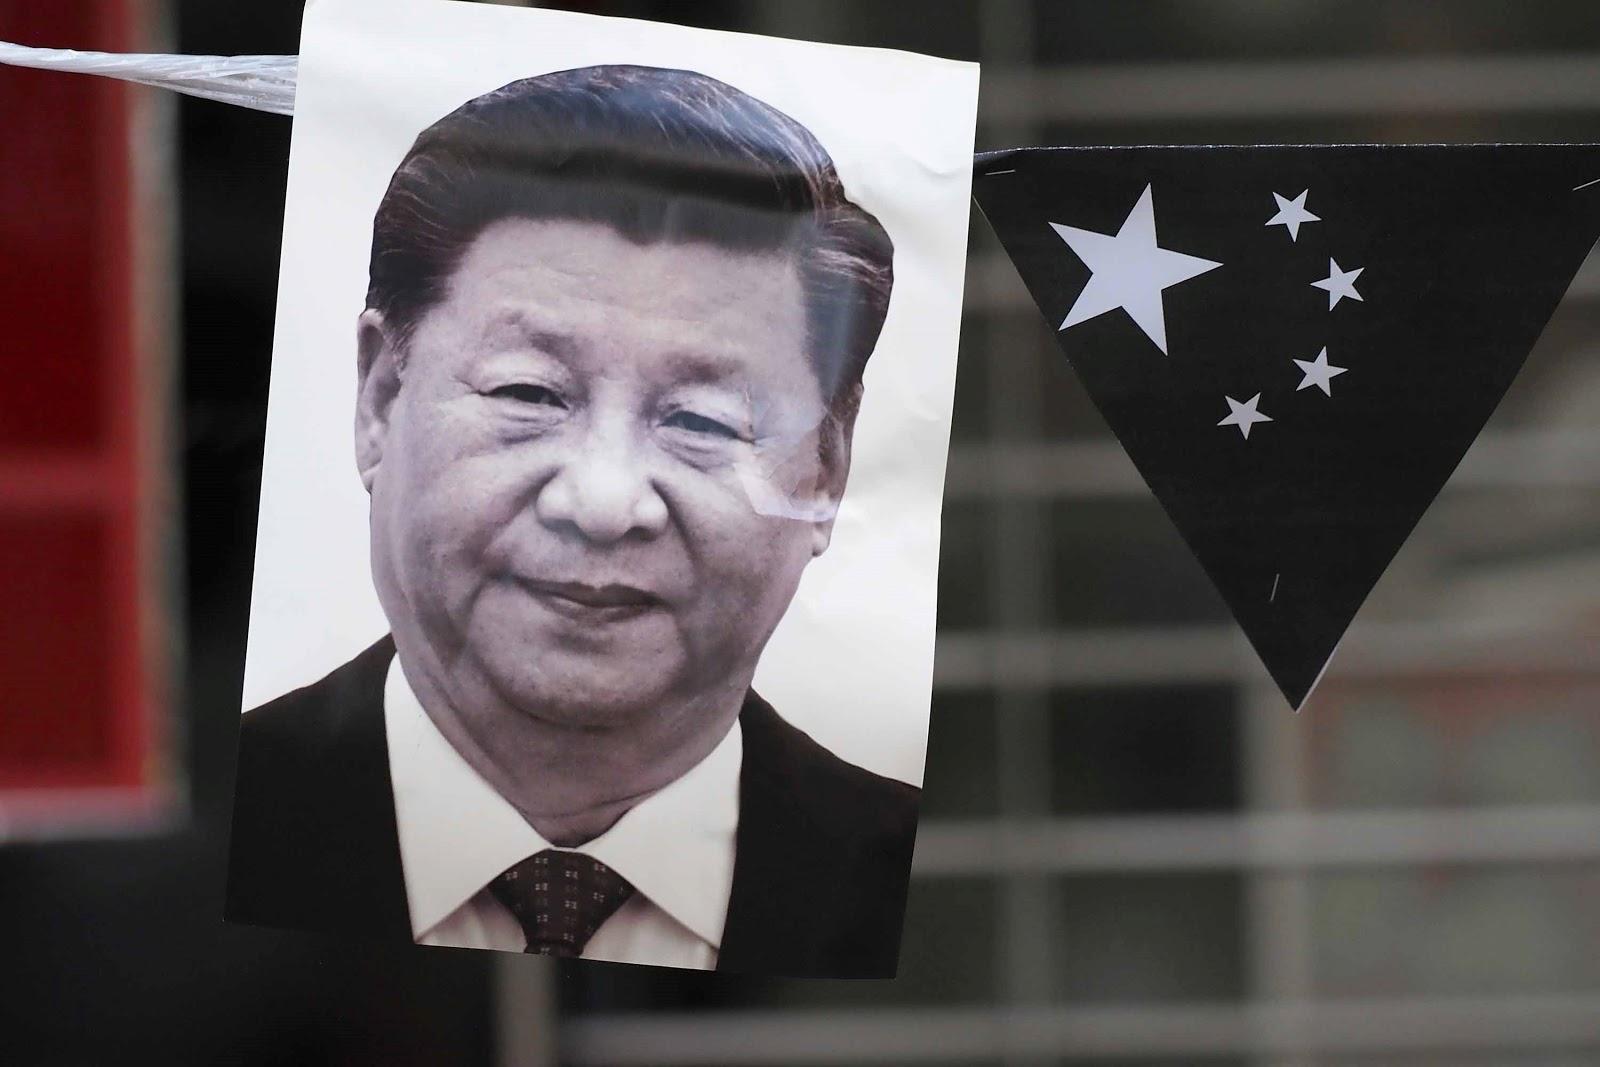 Poster, Xi Jinping